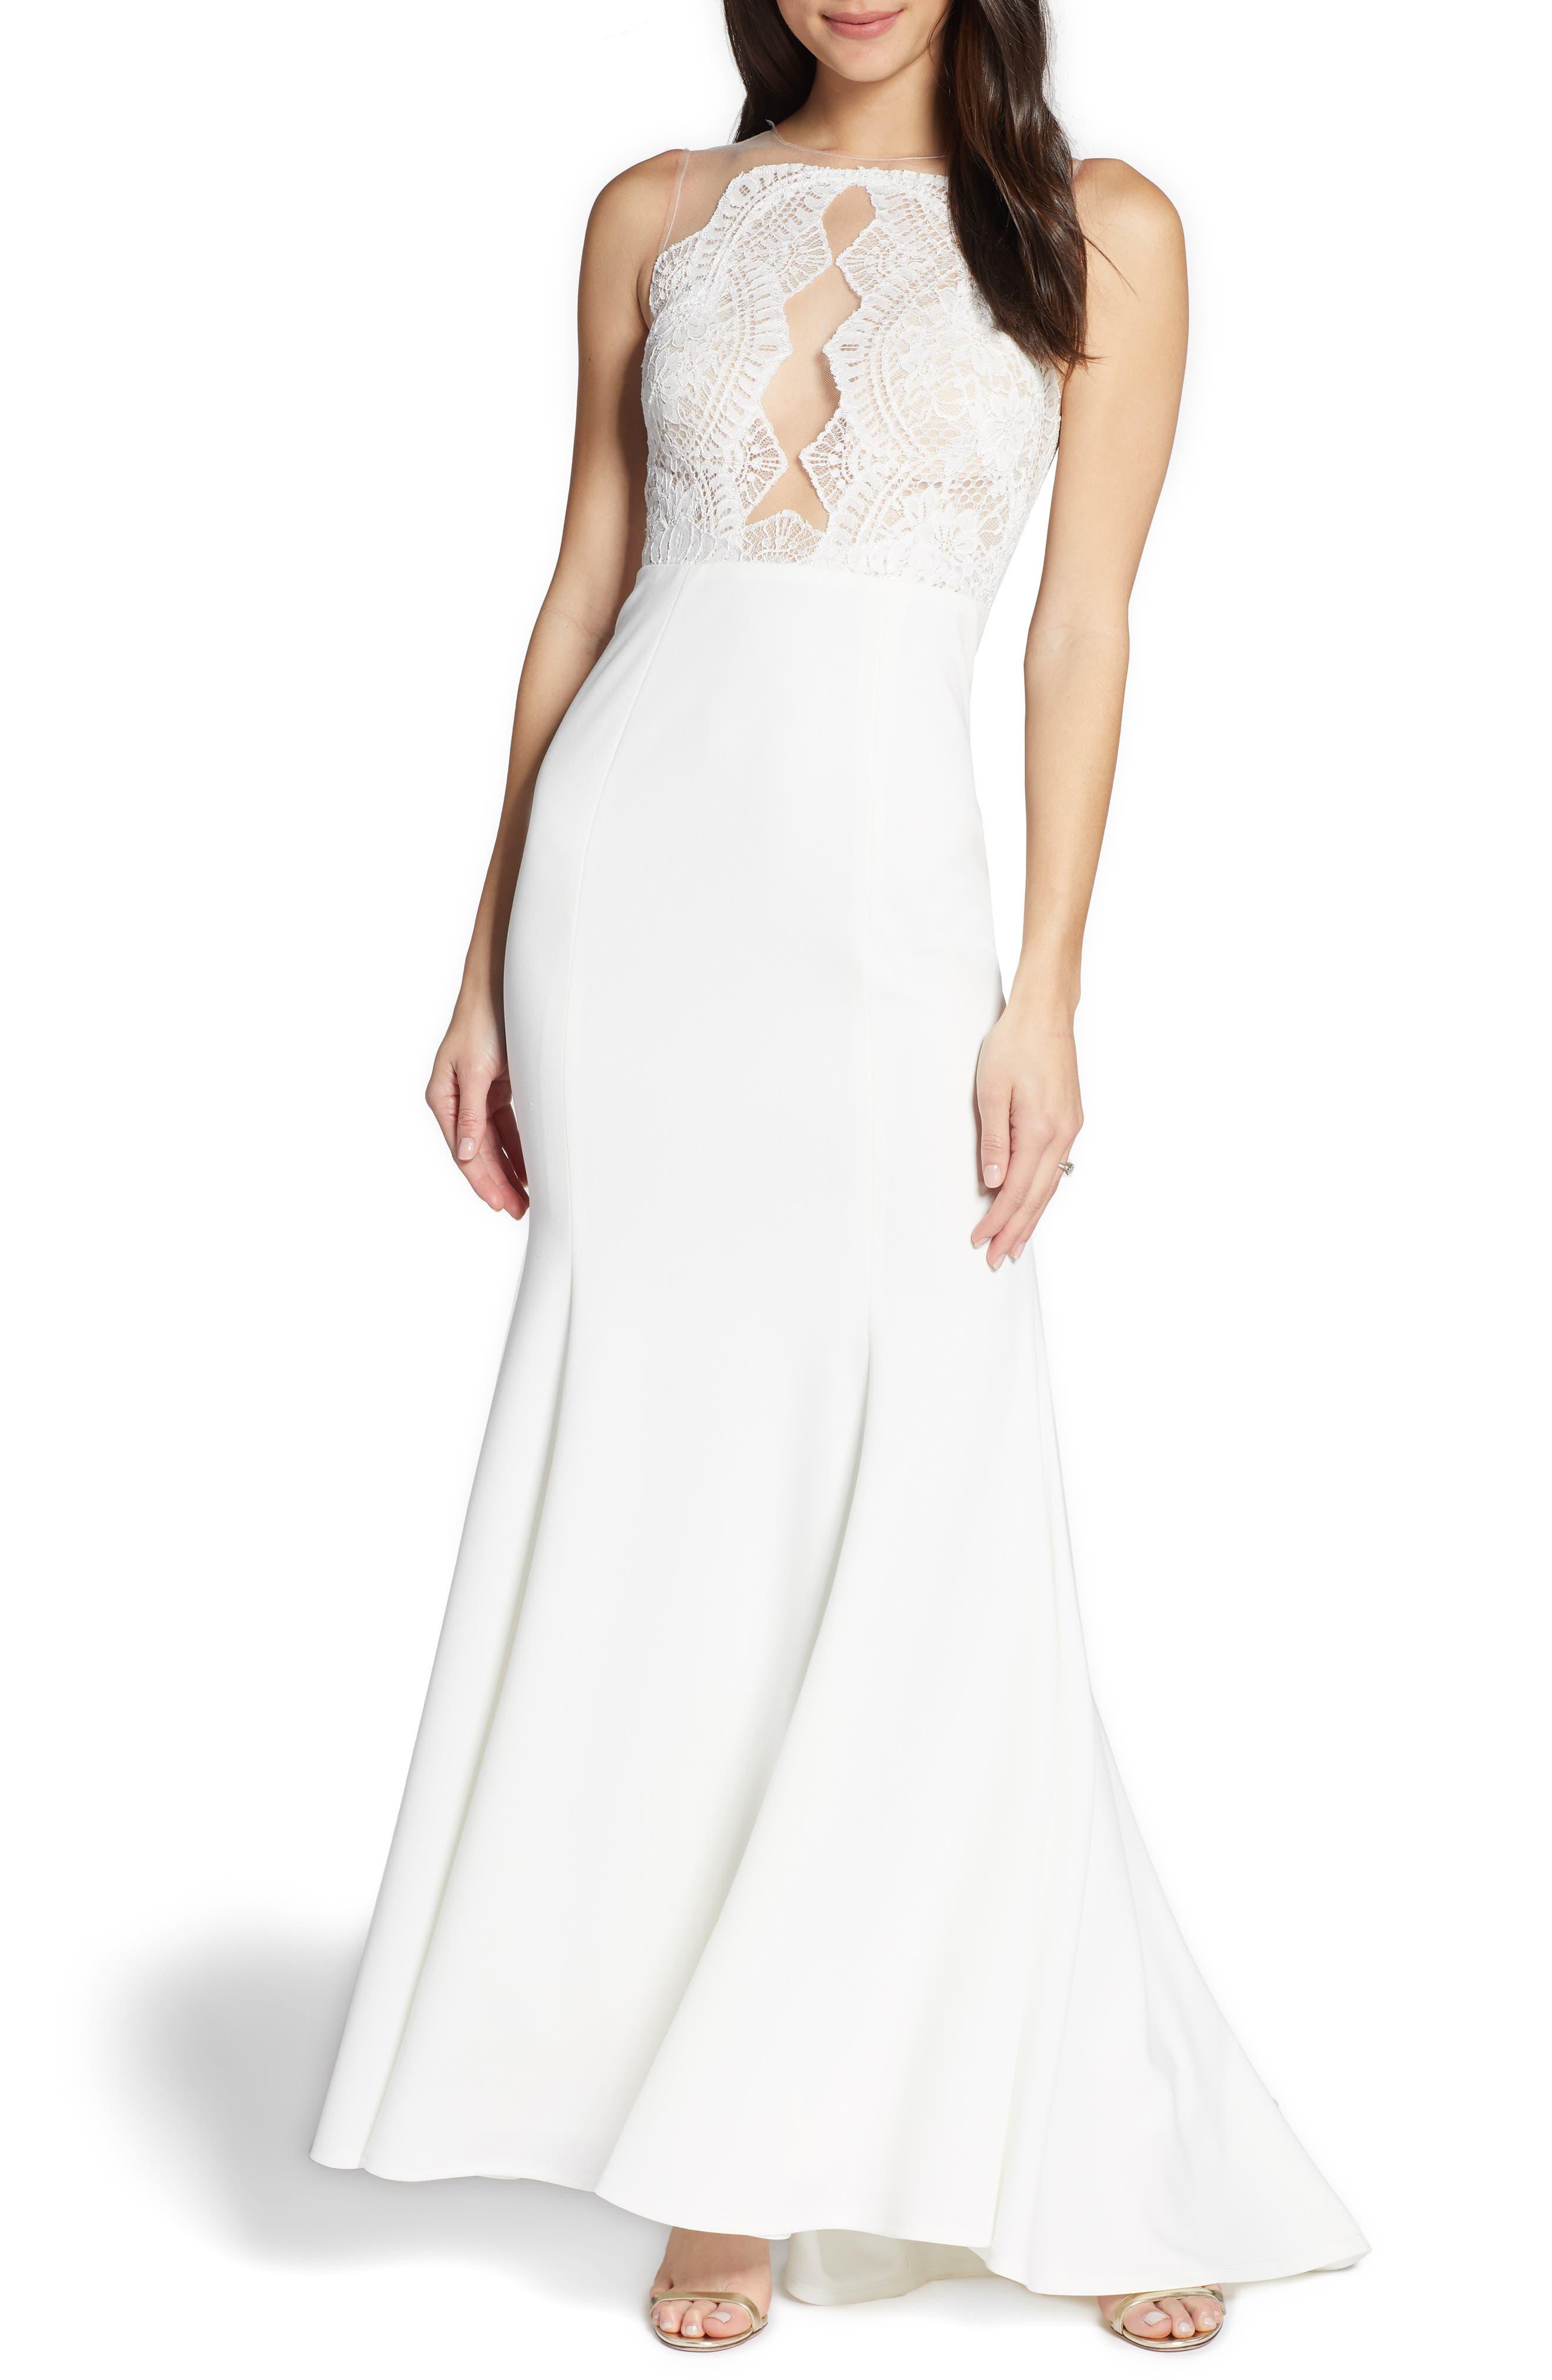 By Watters Cutout Lace Bodice Wedding Dress, Ivory